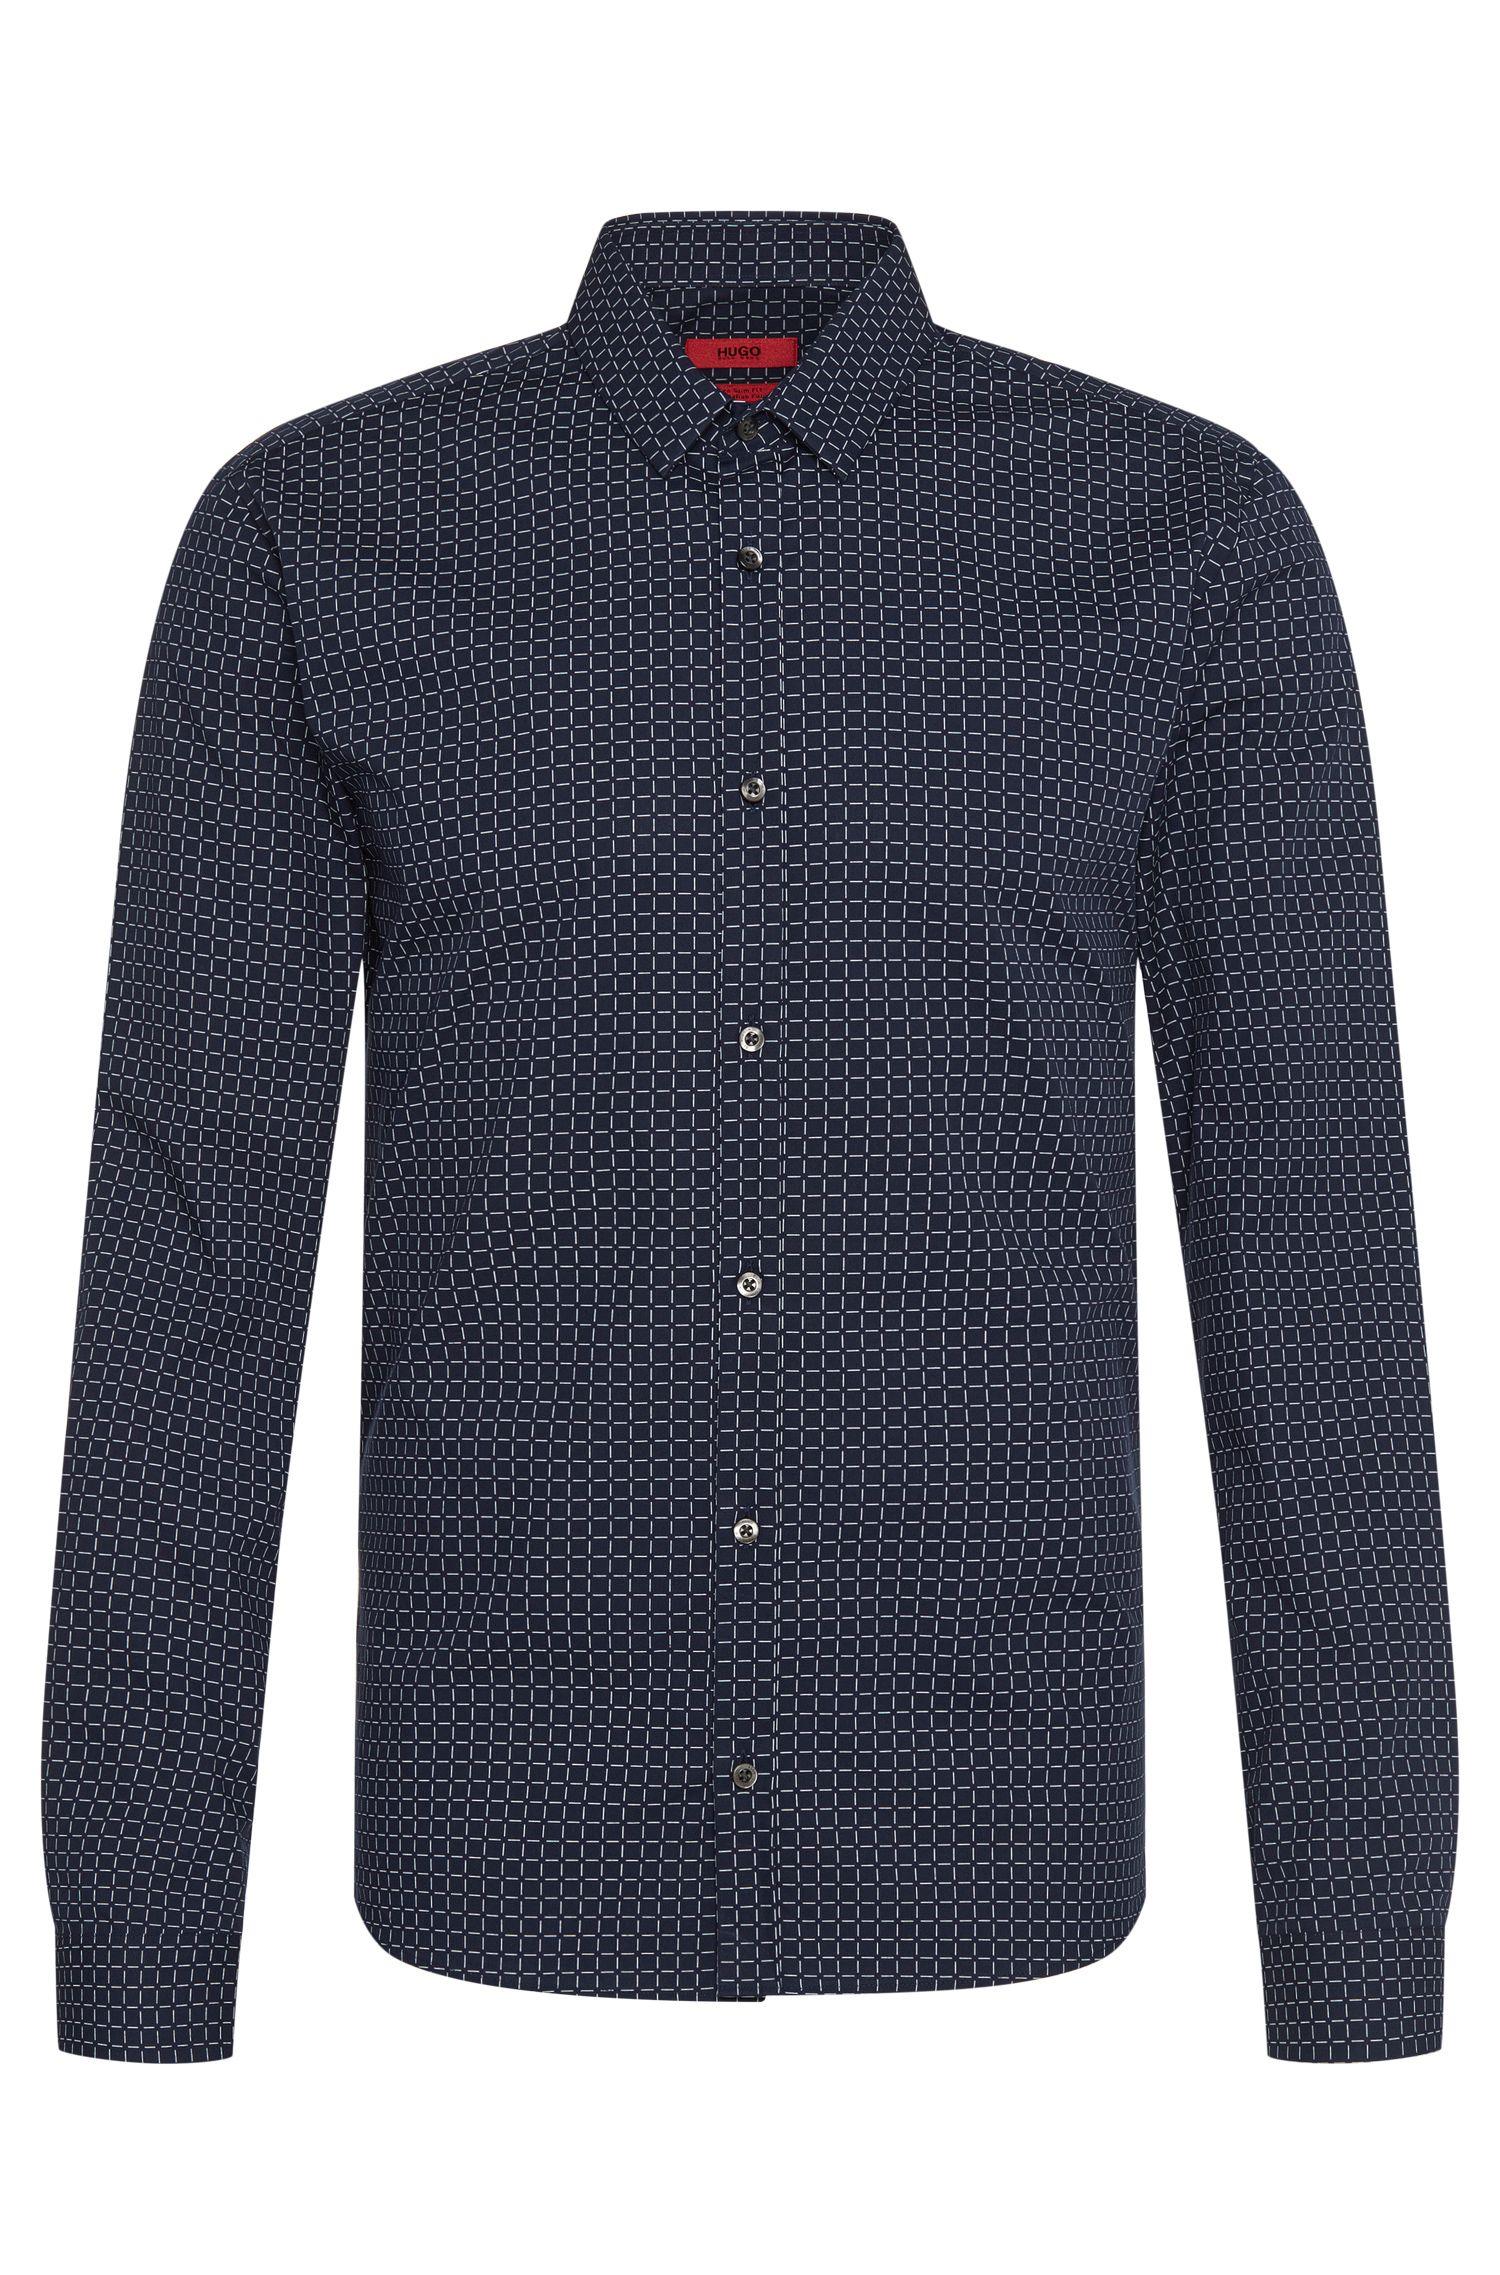 Kariertes Extra Slim-Fit Hemd aus Baumwolle: 'Ero3'